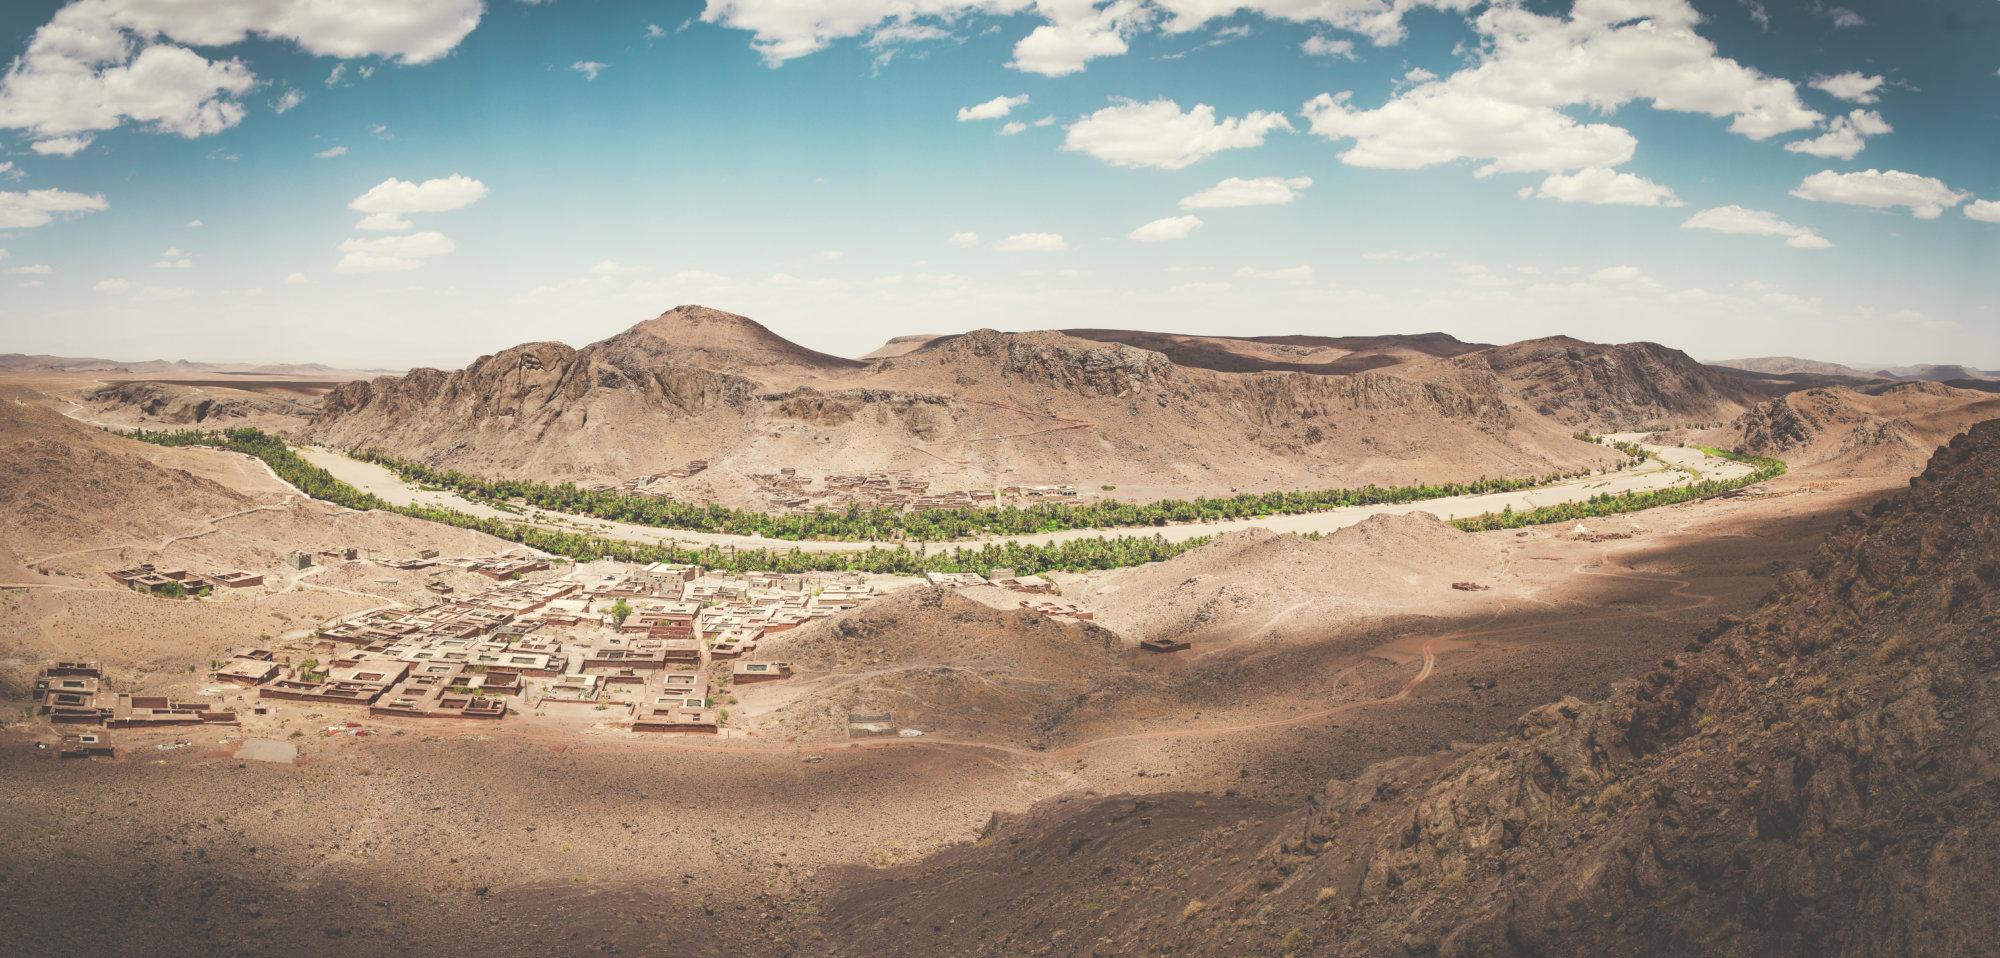 panorama-oase-fint-marokko-2016-mcu-ausflug